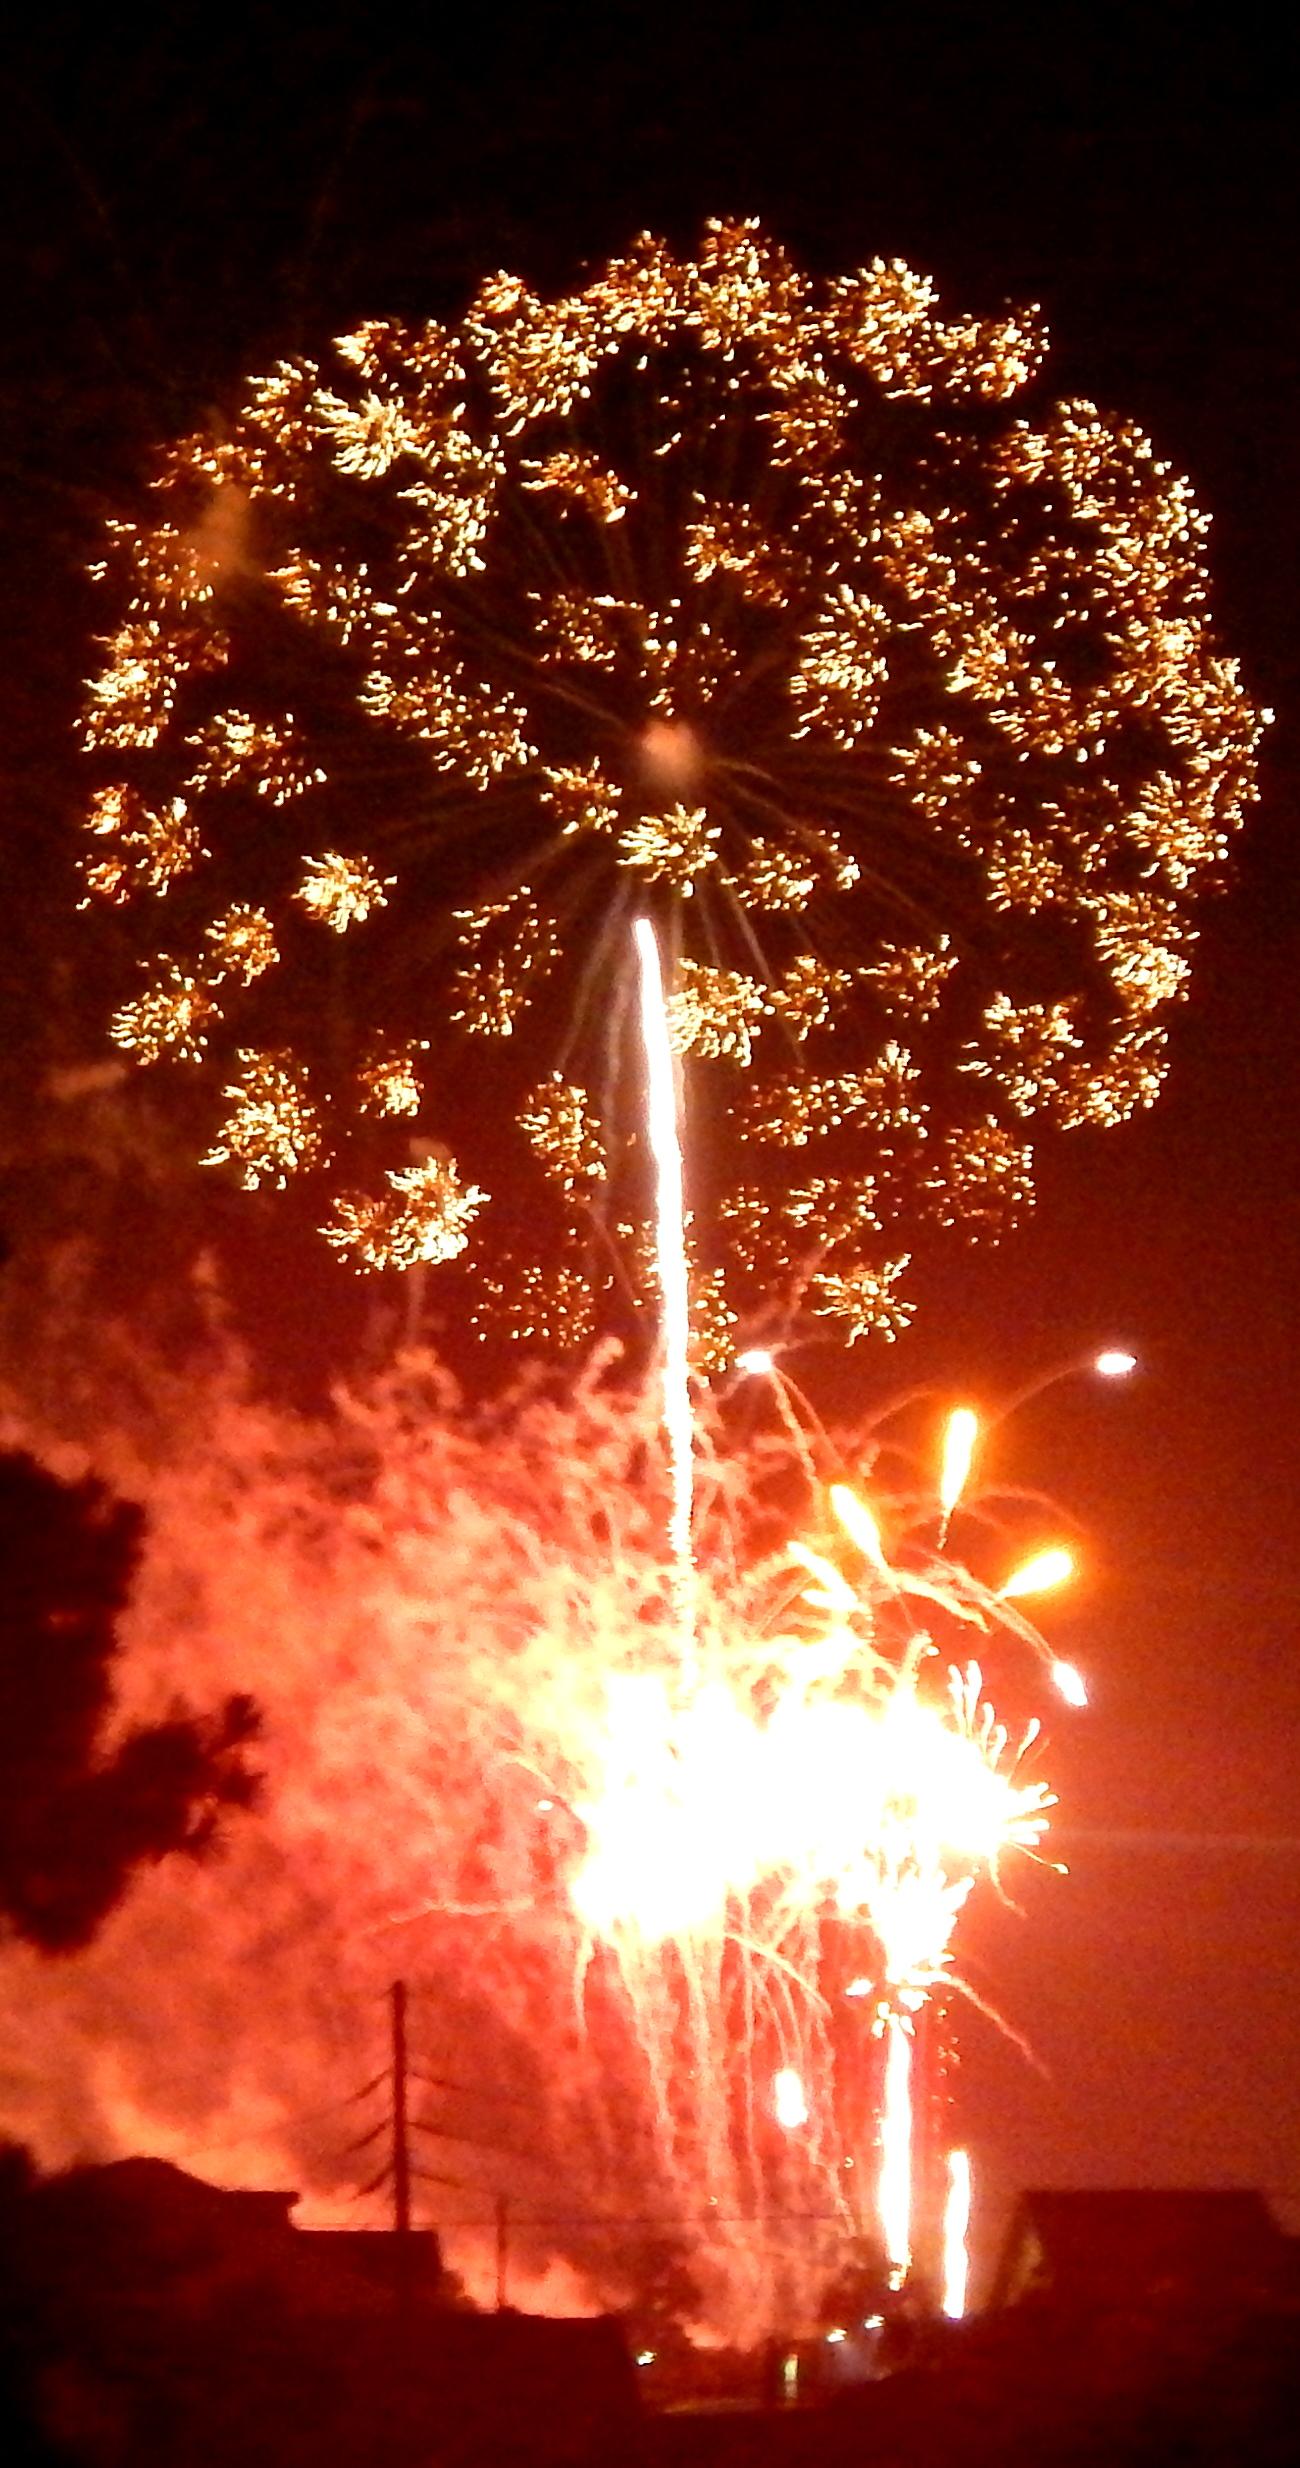 Fireworks allowed in St. Charles, St. Bernard for NYE